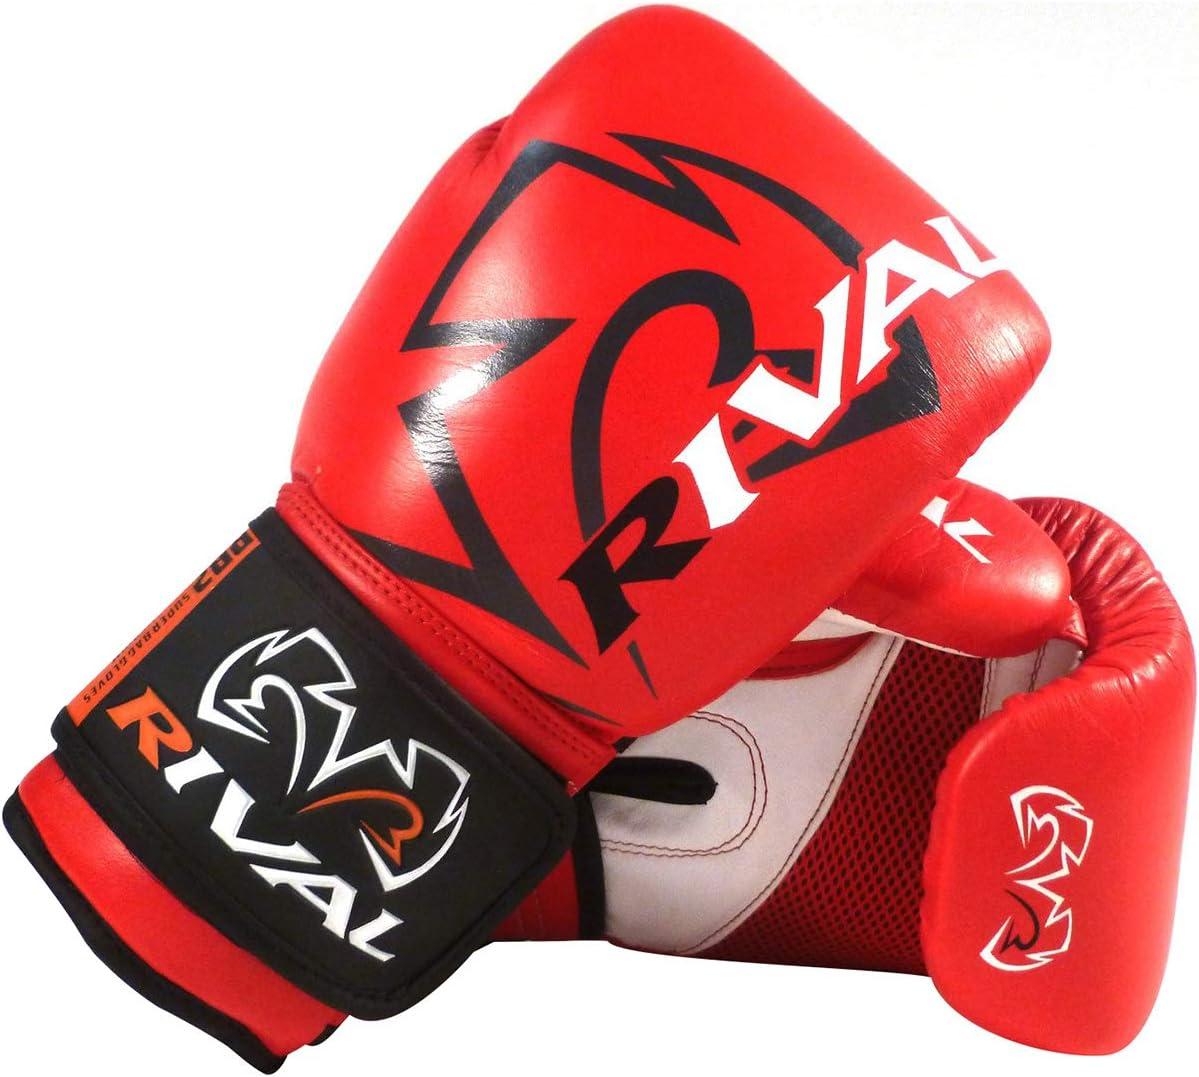 Super Bag Gloves Rival Boxing RB2